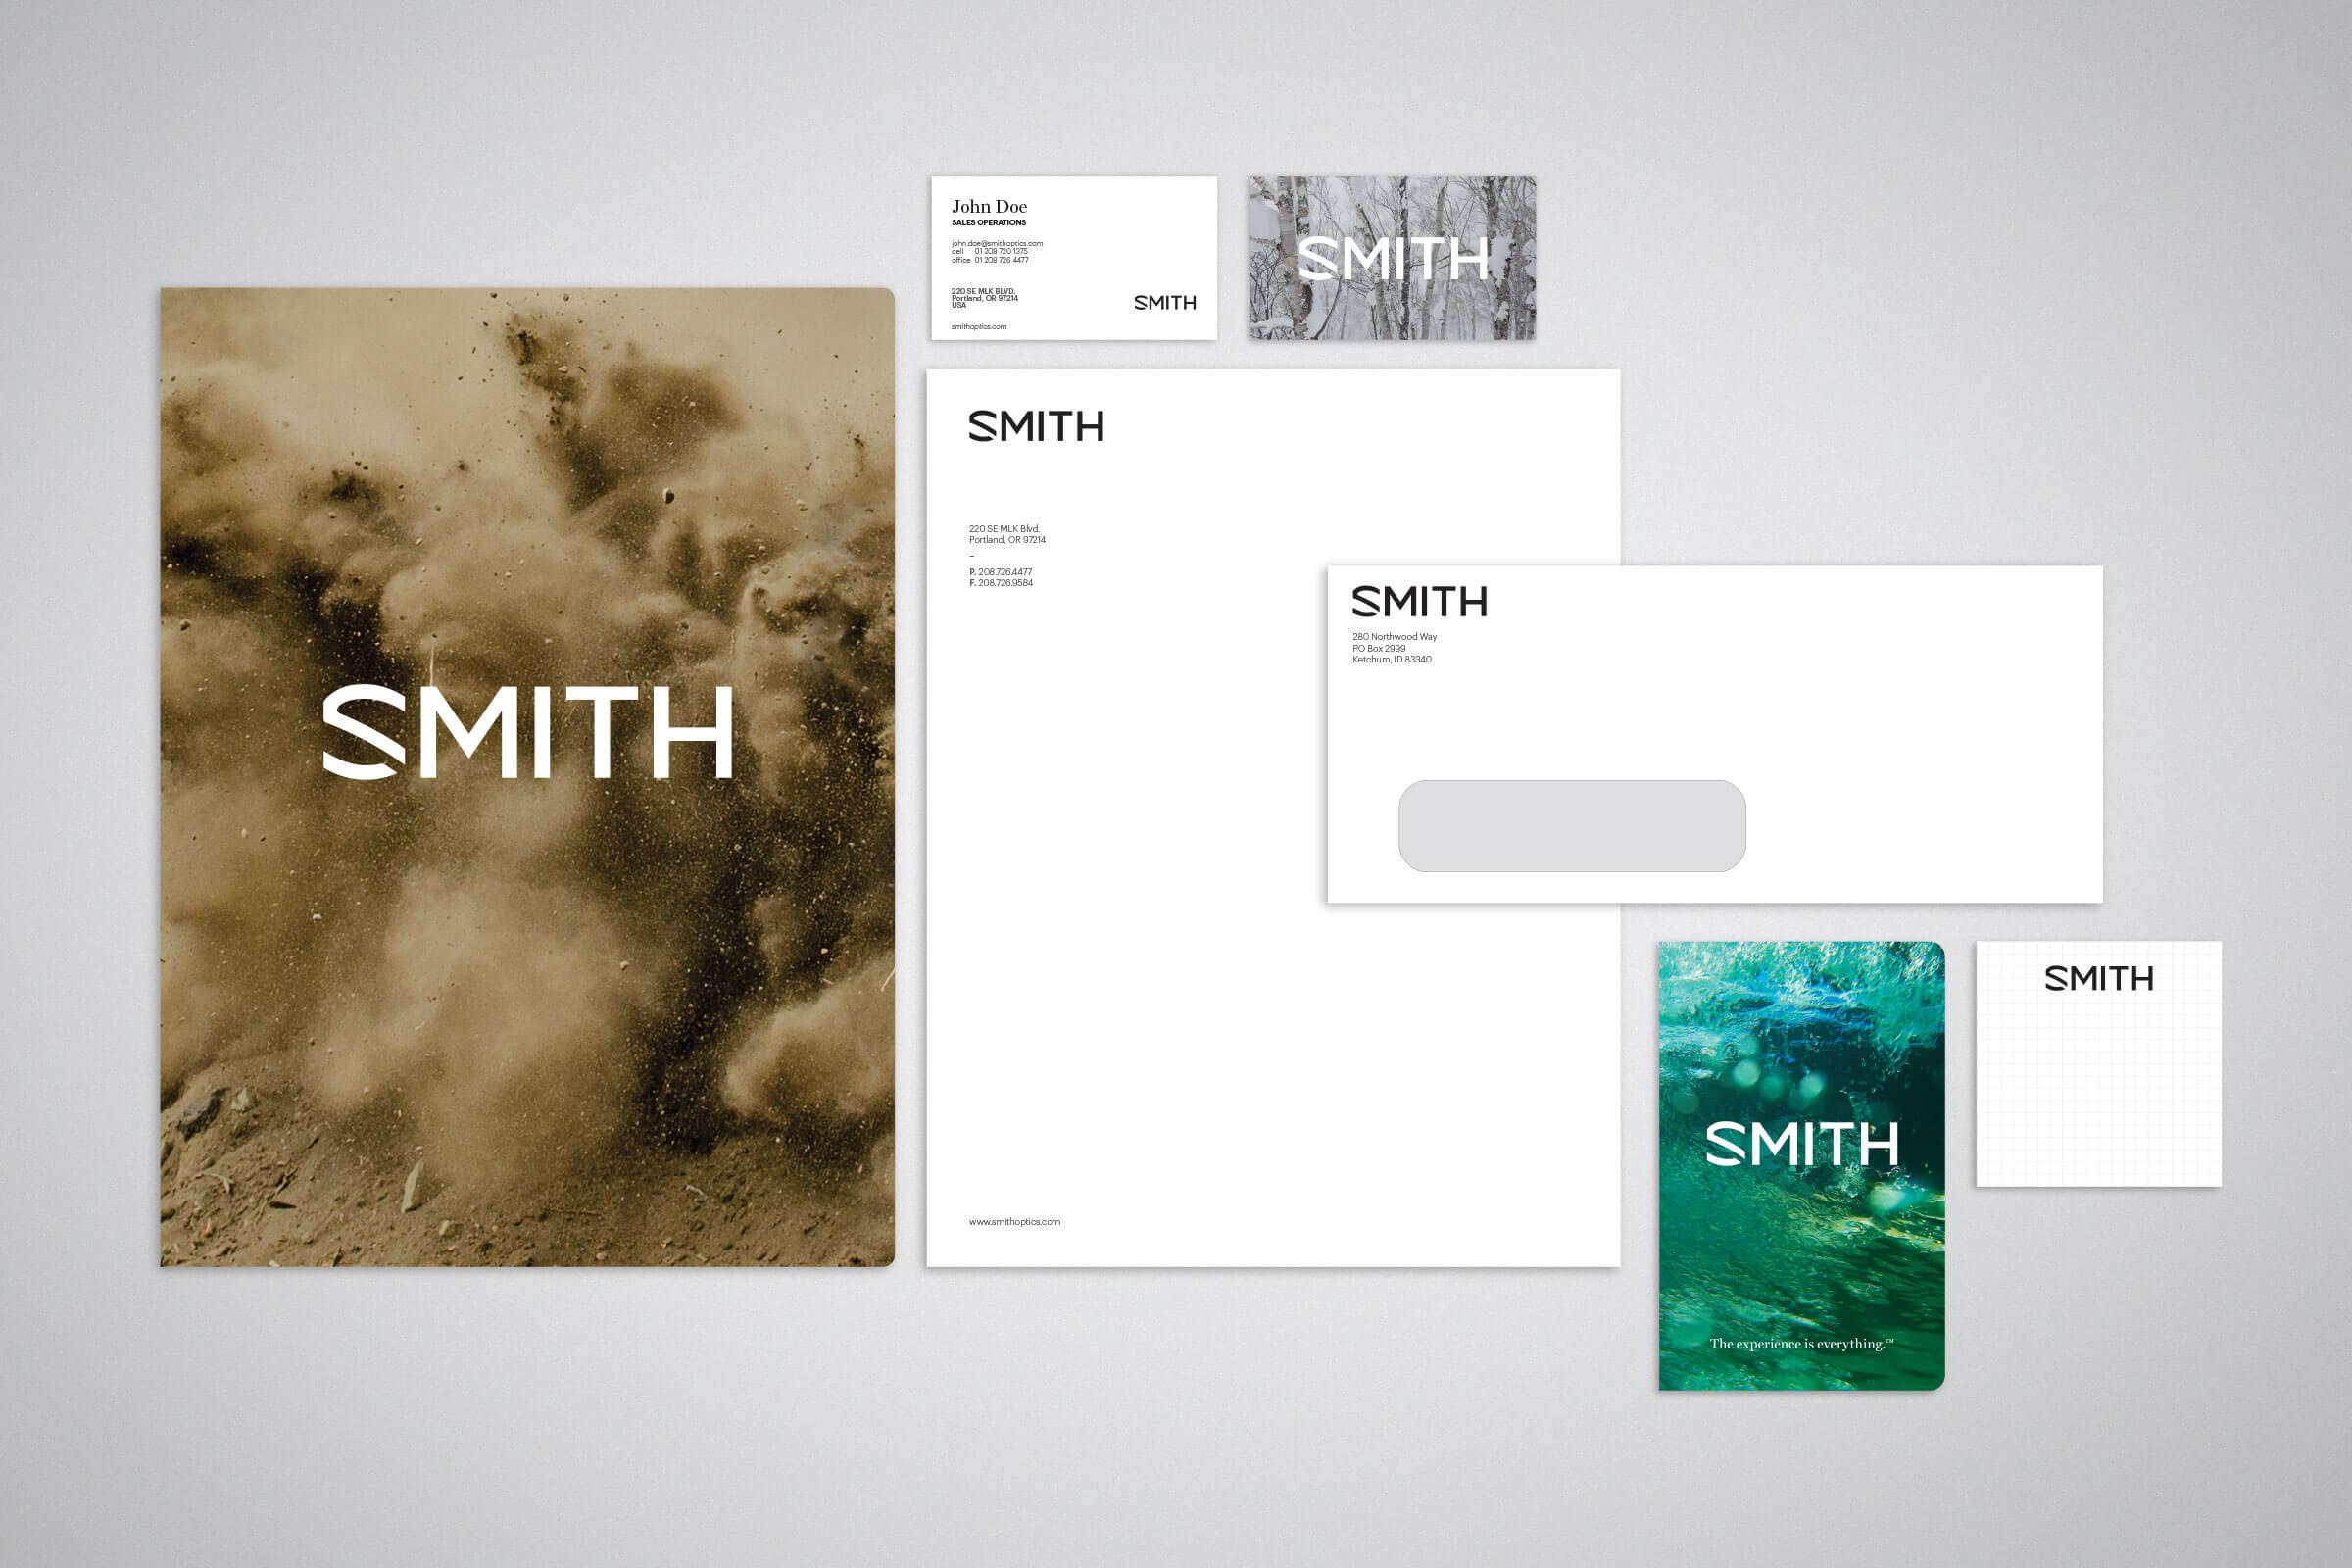 SMITH_STATIONARY